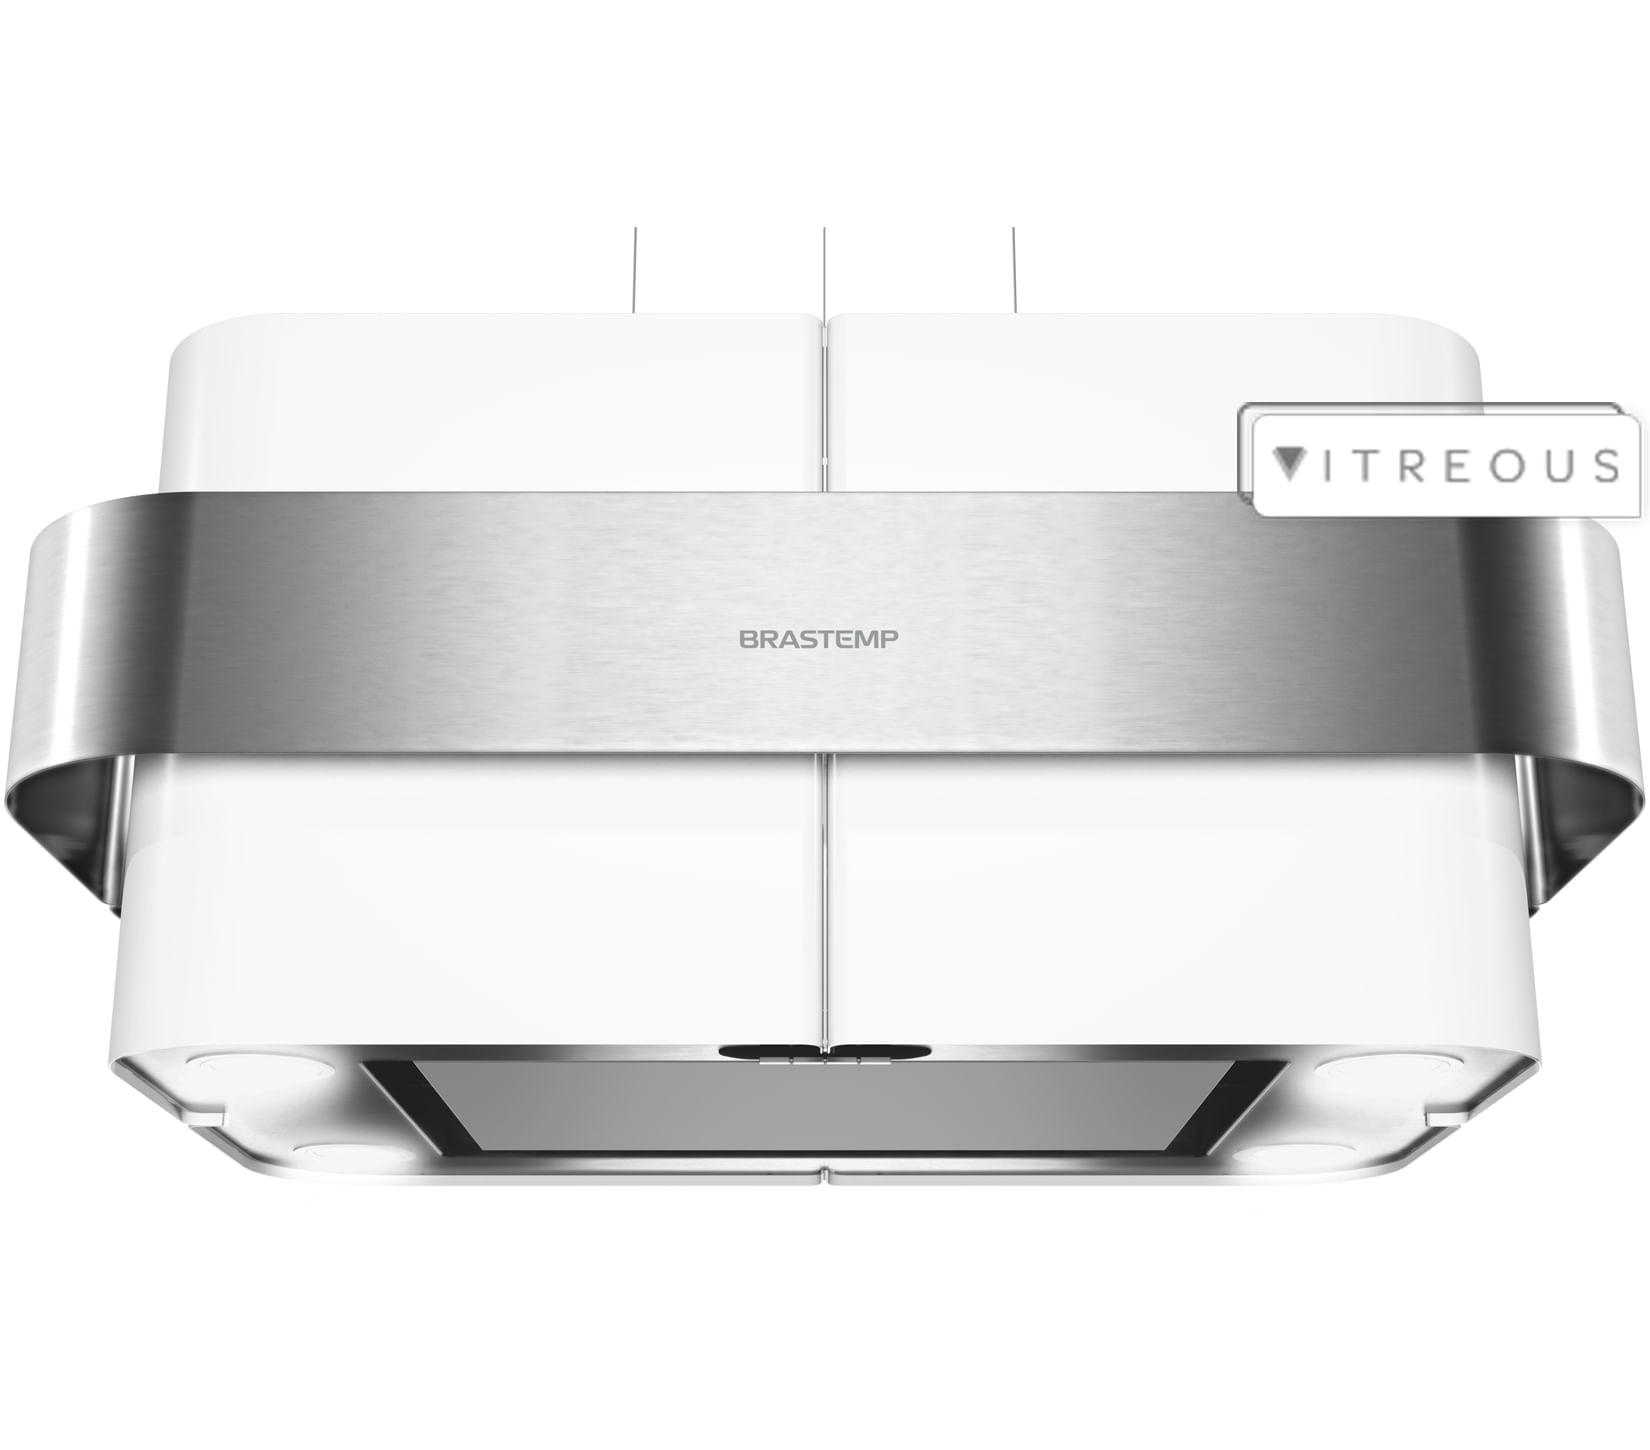 Coifa de Ilha Brastemp 75 cm branca luminária com controle remoto